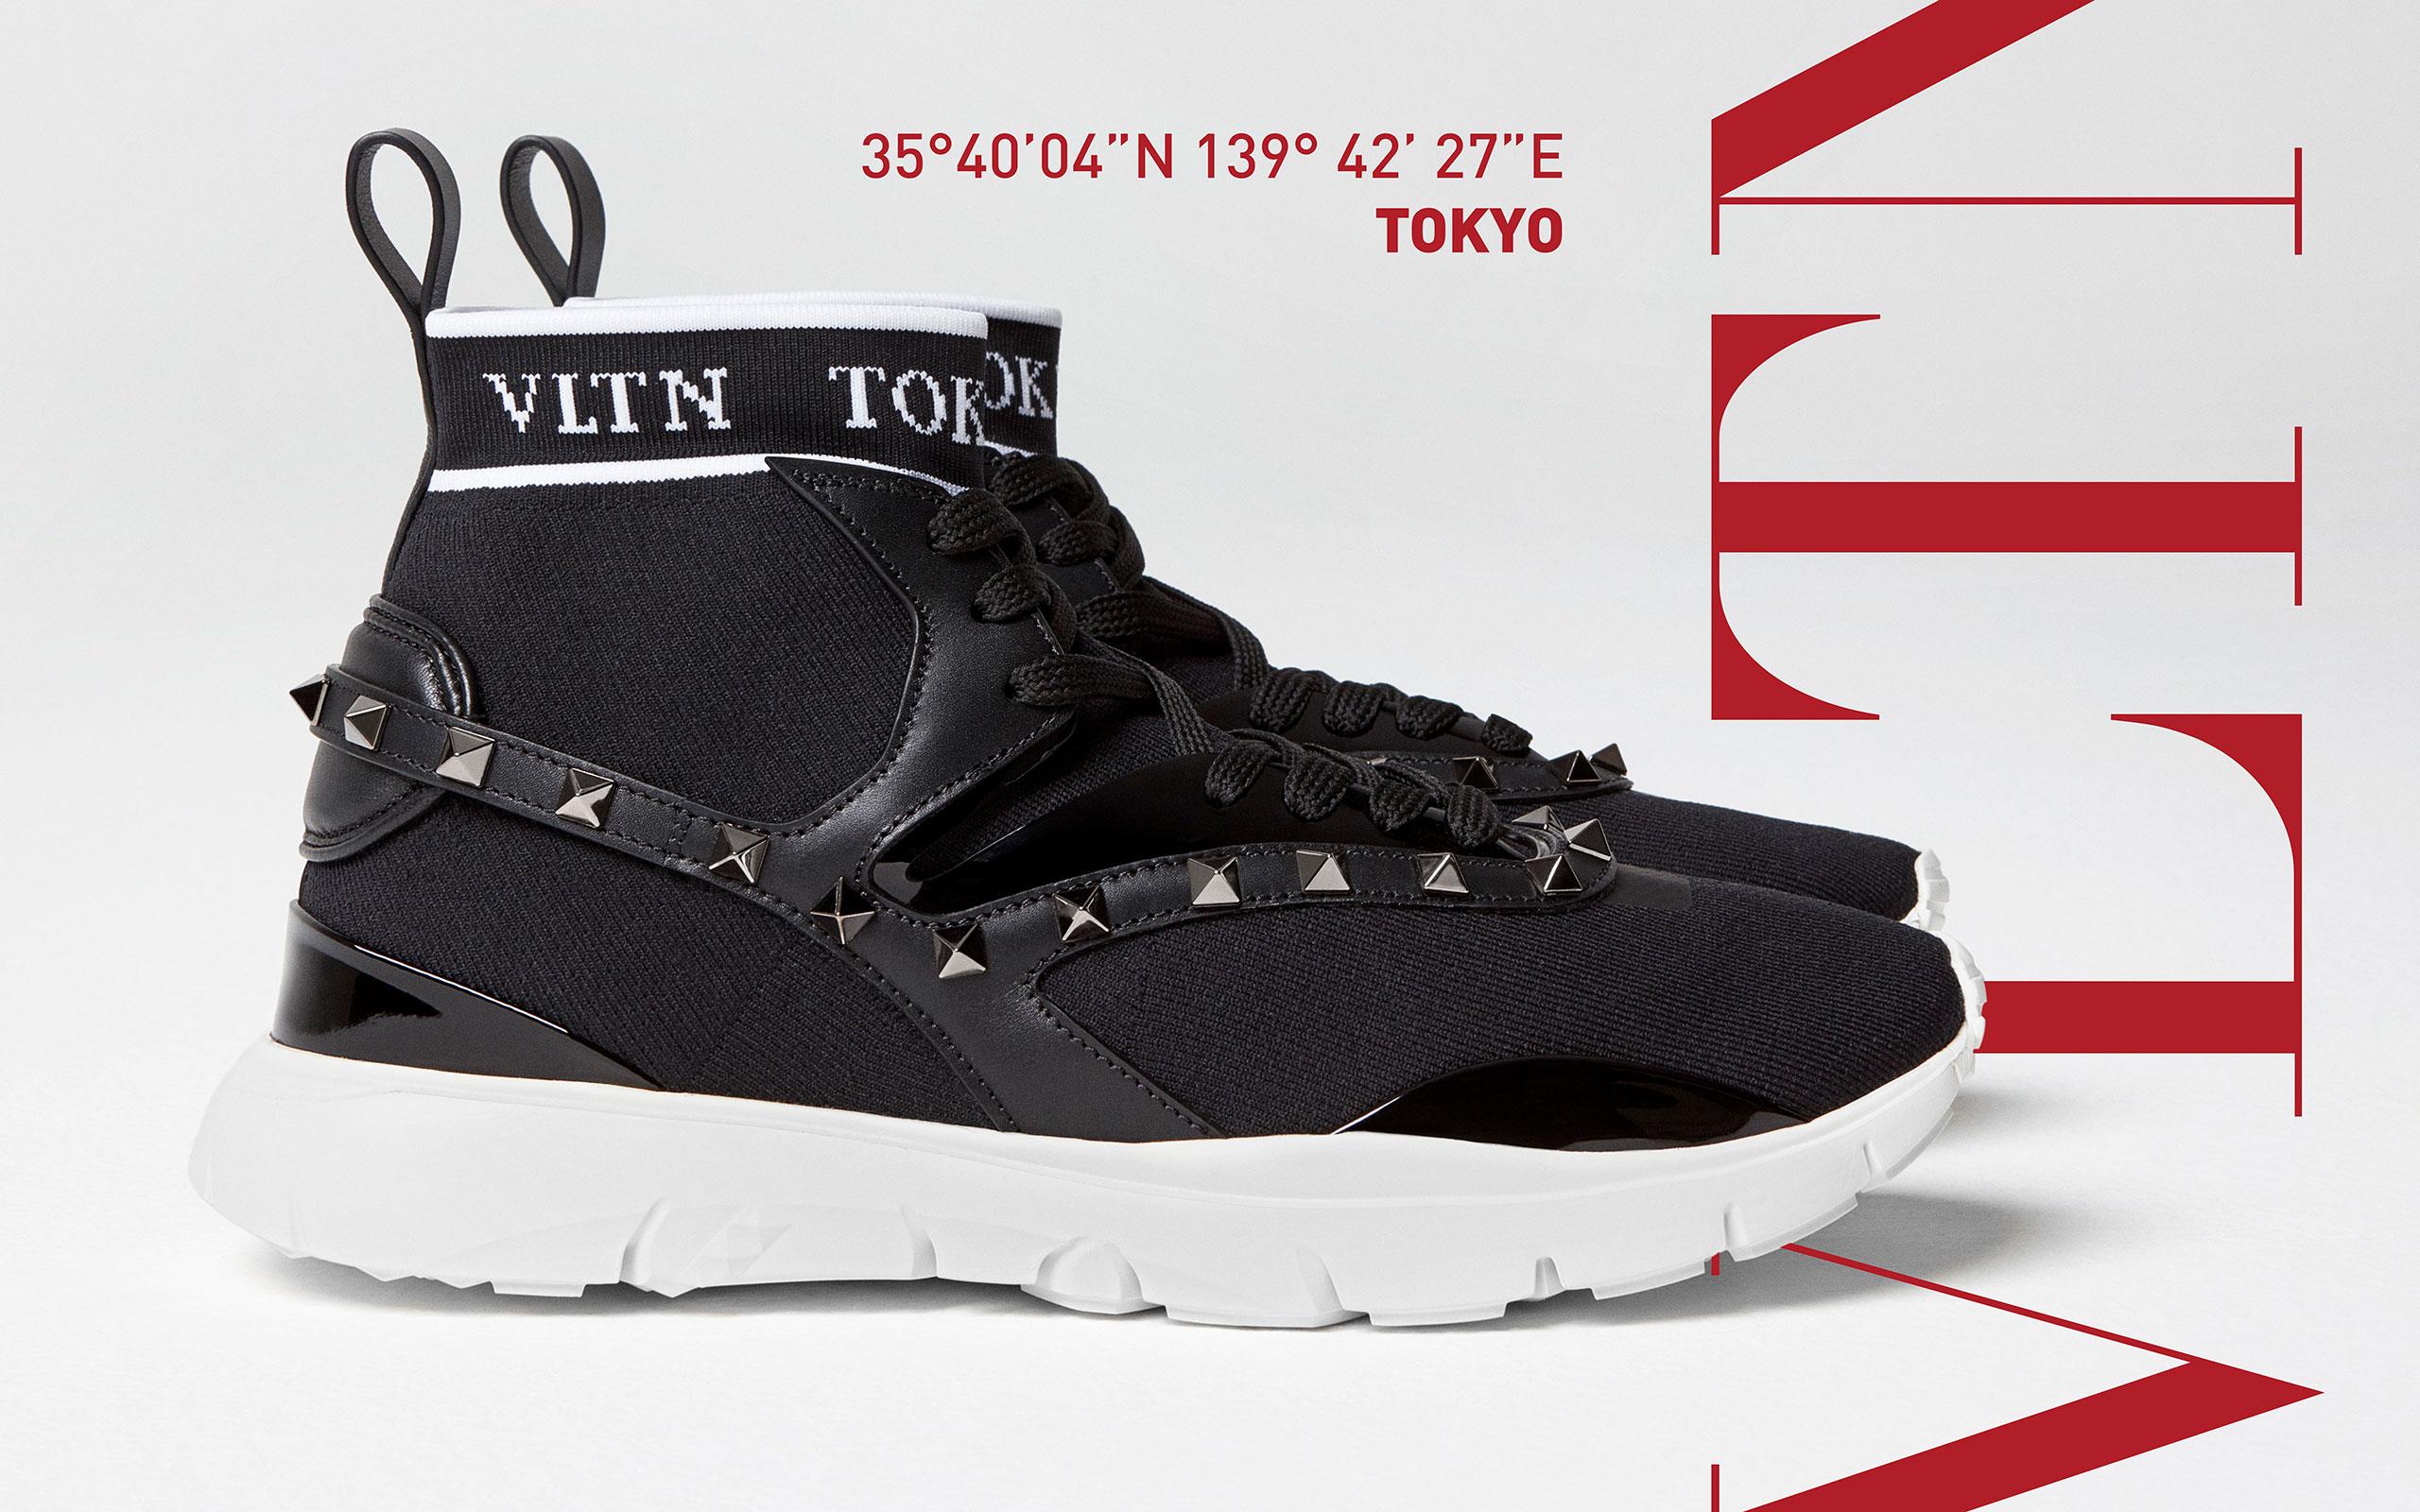 VLTN Men's Pop-Up Store To Open At Omotesando